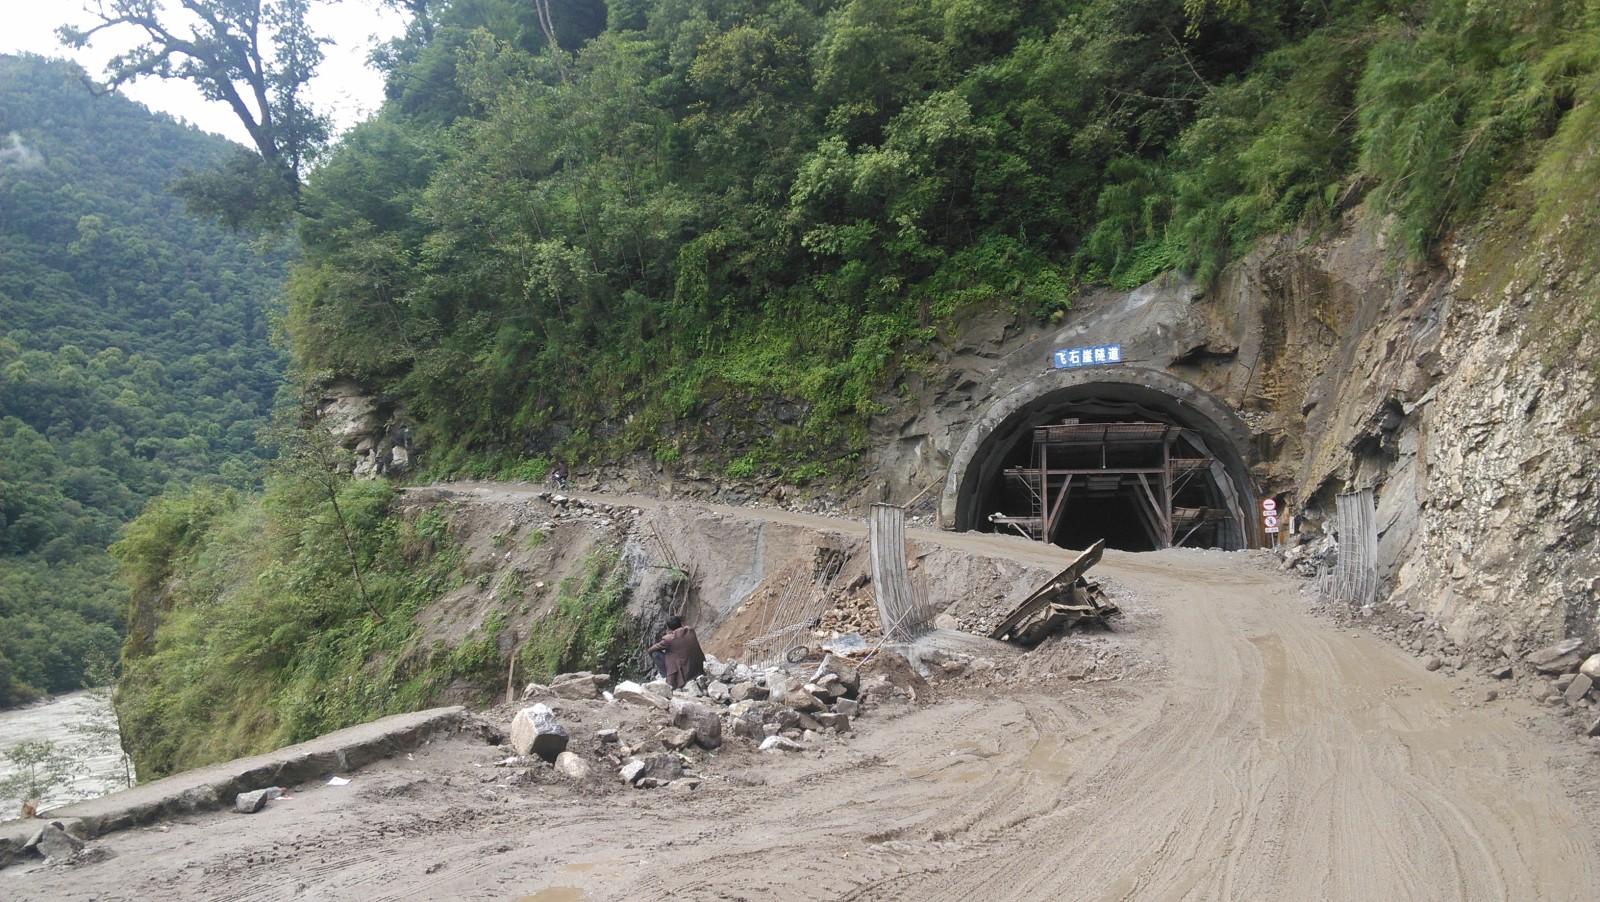 隧道正(2014-07-27)在修建,现在还是得走旁边的小路